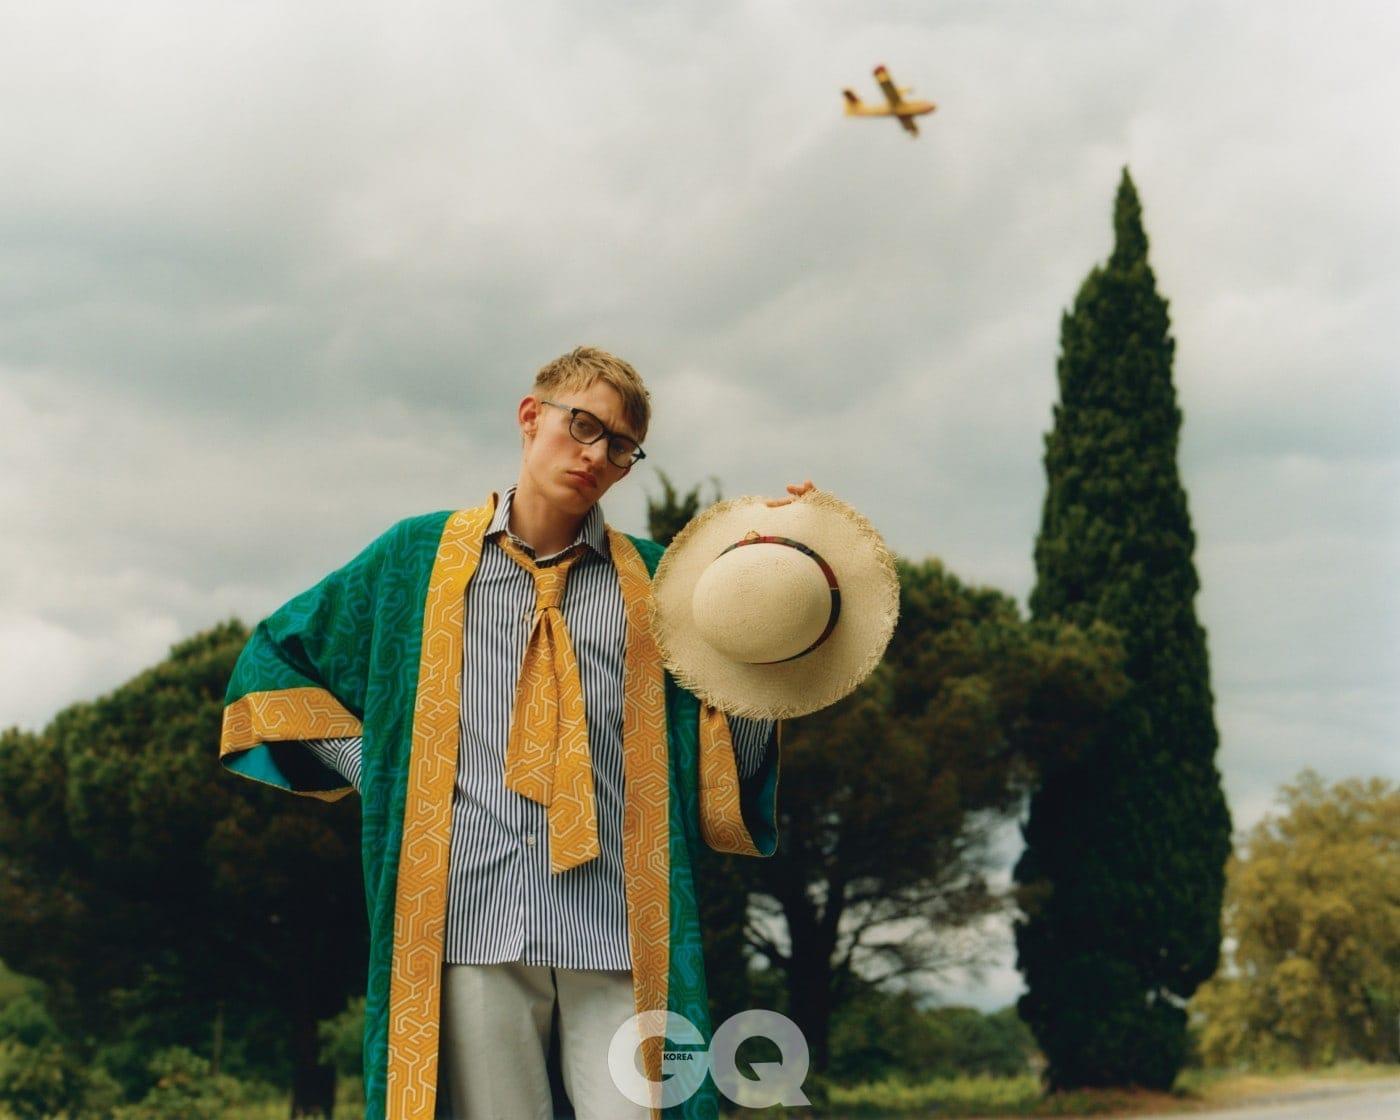 기모노 코트 €2295, 발리. 줄무늬 셔츠 €135, 알랭 피가렛. 코트 팬츠 €125, 발리바리스. 뿔테 안경 €220, 해켓 비스포크. 밀짚 모자 €400, 구찌.